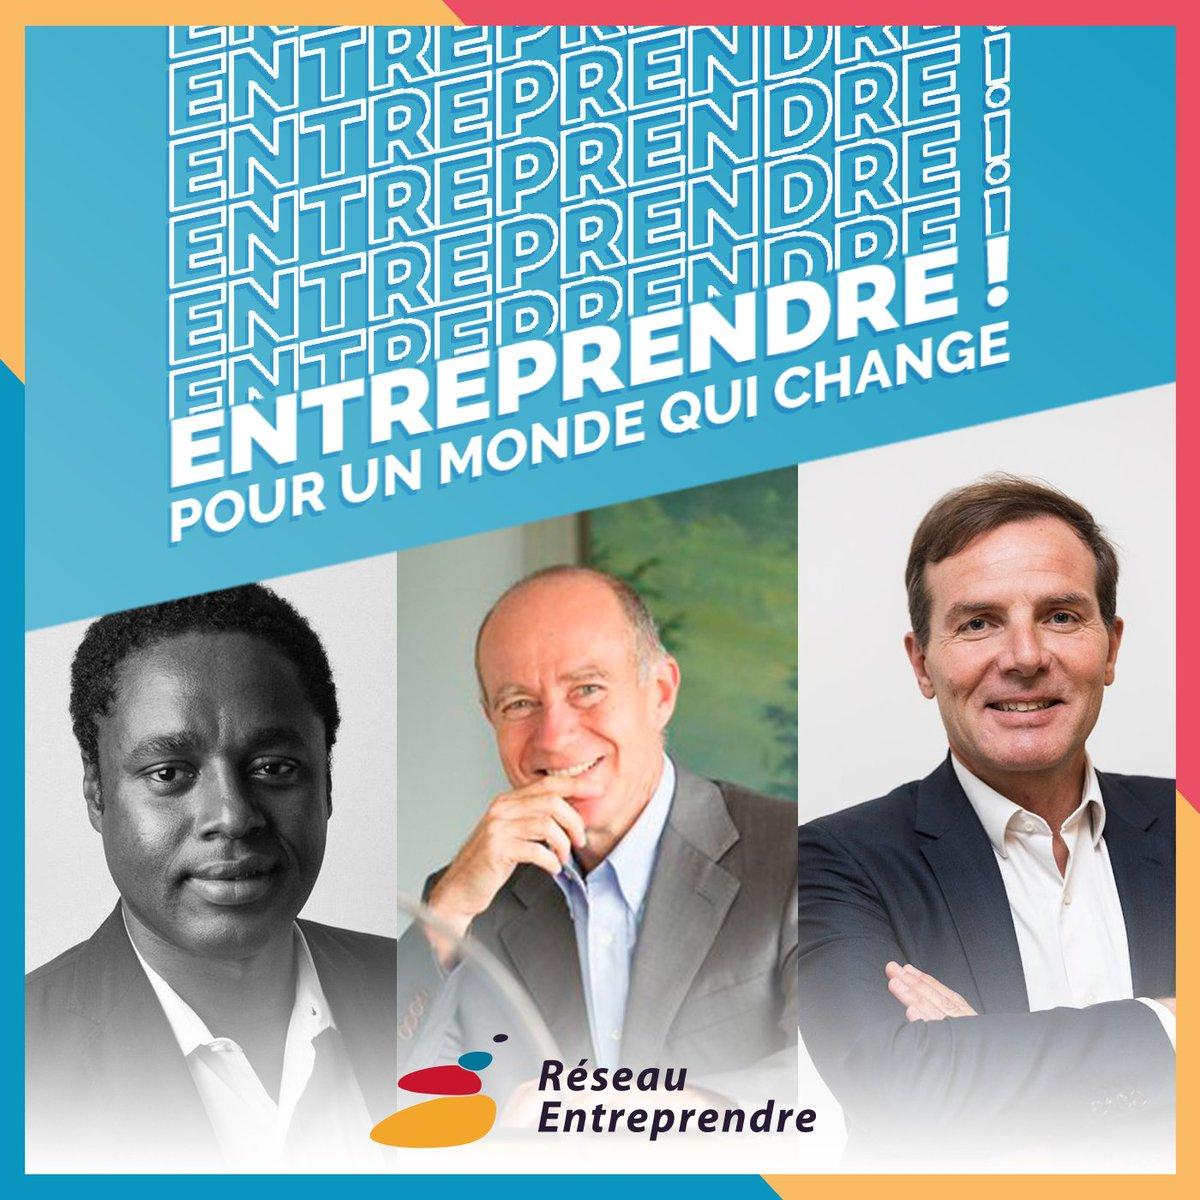 [Podcast] Dans l'épisode 2 de @RsoEntreprendre, @claudegrunitzky, serial entrepreuneur,   @MichelSarrat (dirigeant de GT Solutions) et Olivier de la Chevasnerie (président de RE) partagent leur vision de l'entrepreneuriat de demain. Inspirant !  👉@Spotify https://t.co/fnmNbbGVlv https://t.co/2F98AjGn2o